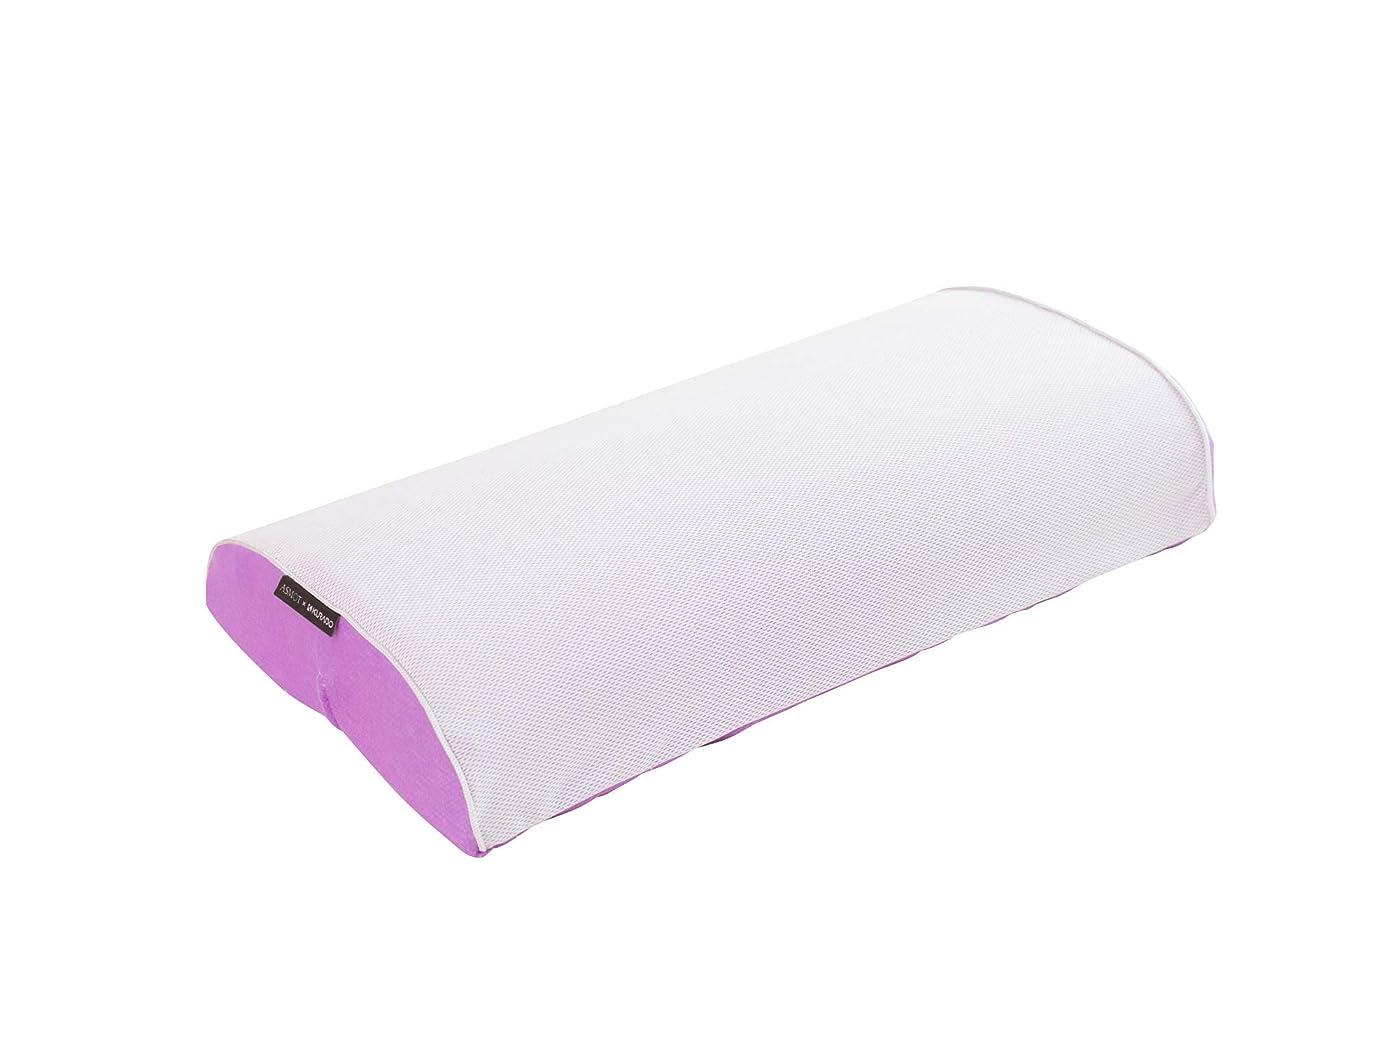 質素な柔らかいよろめくASMOT?×KURABOコラボレーション枕  スリープマージピロー (ホワイト×パープル)